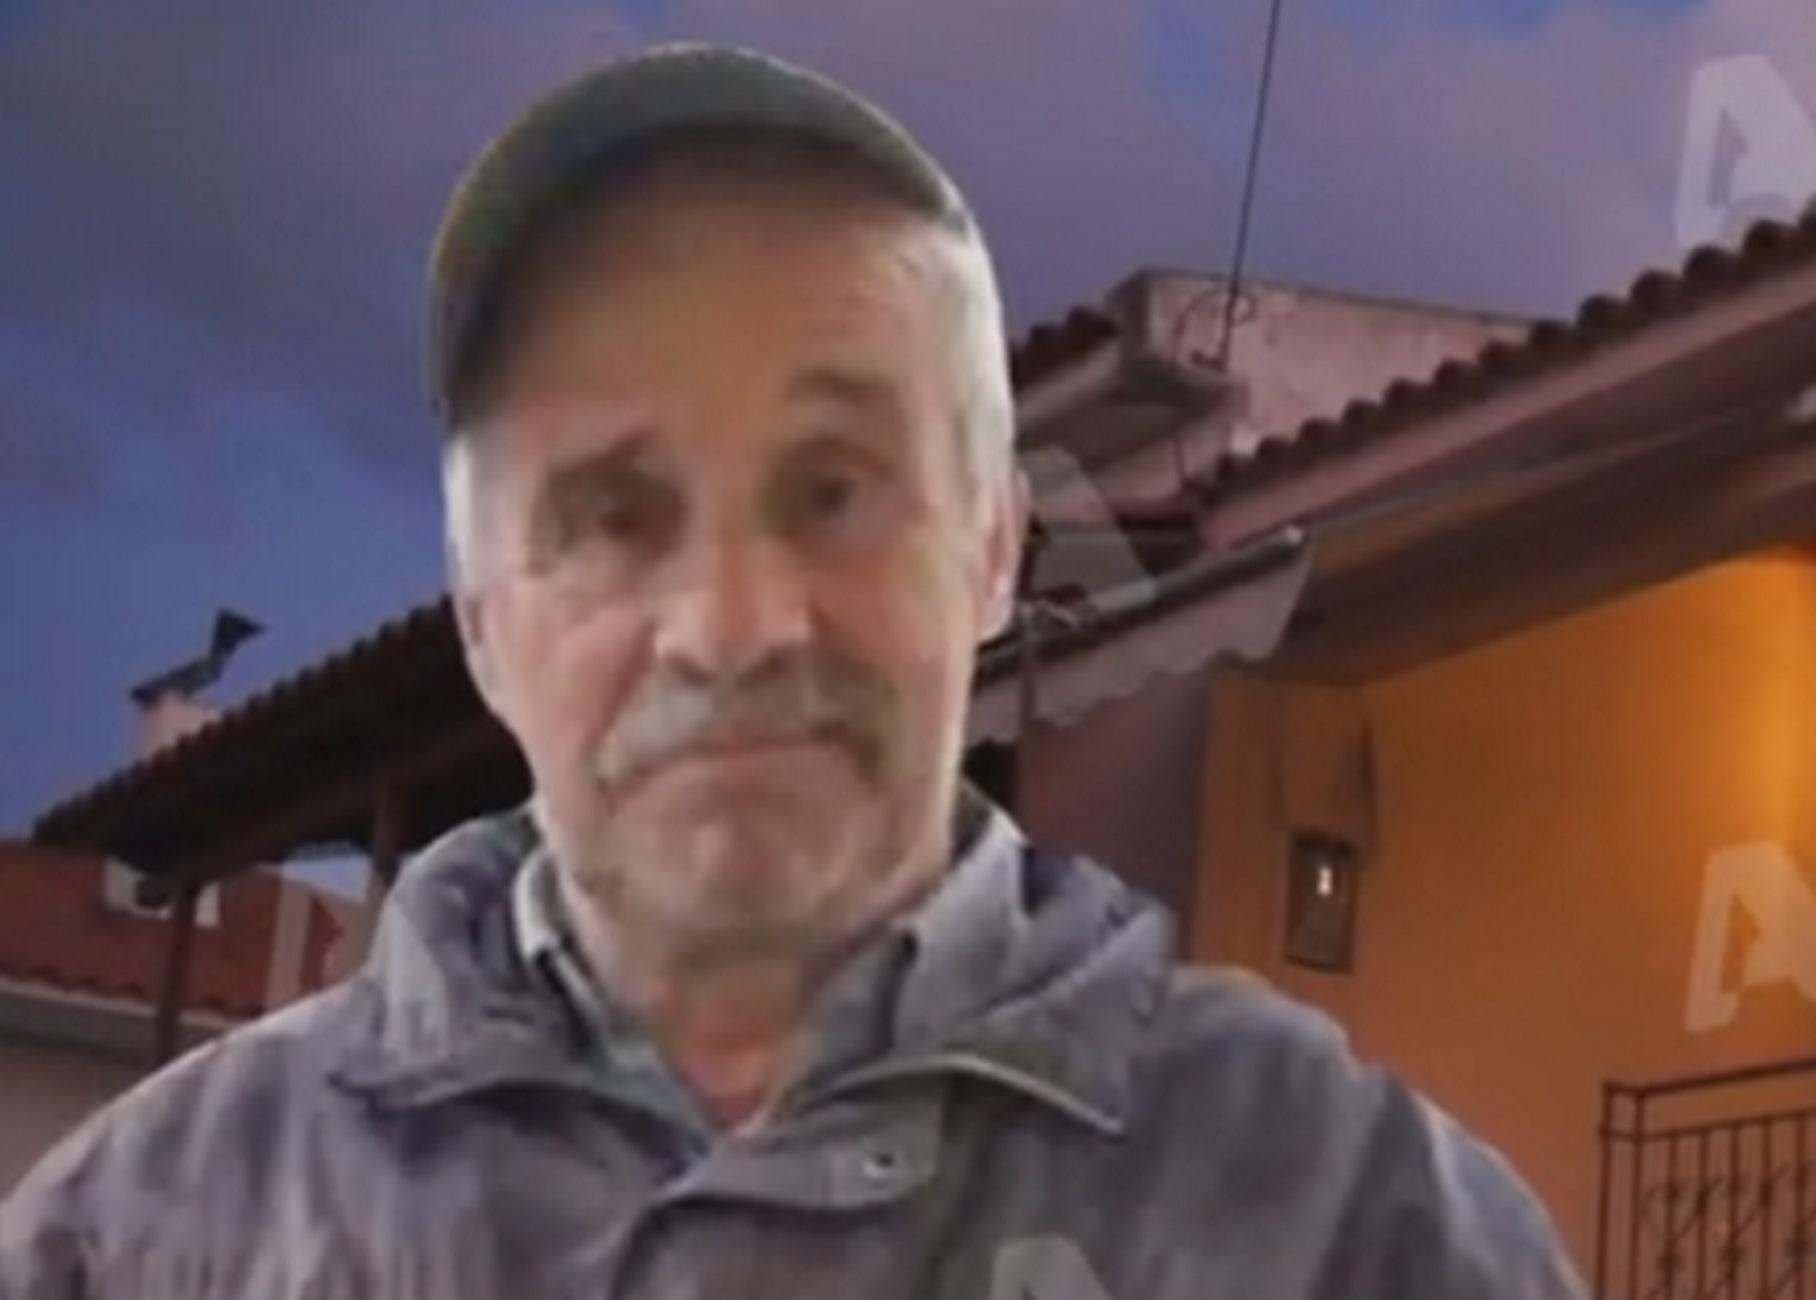 Πύργος: Μαρτυρίες και θολά σημεία για τον Βασίλη Κοτρέτσο που βρέθηκε νεκρός στα σκουπίδια (Βίντεο)